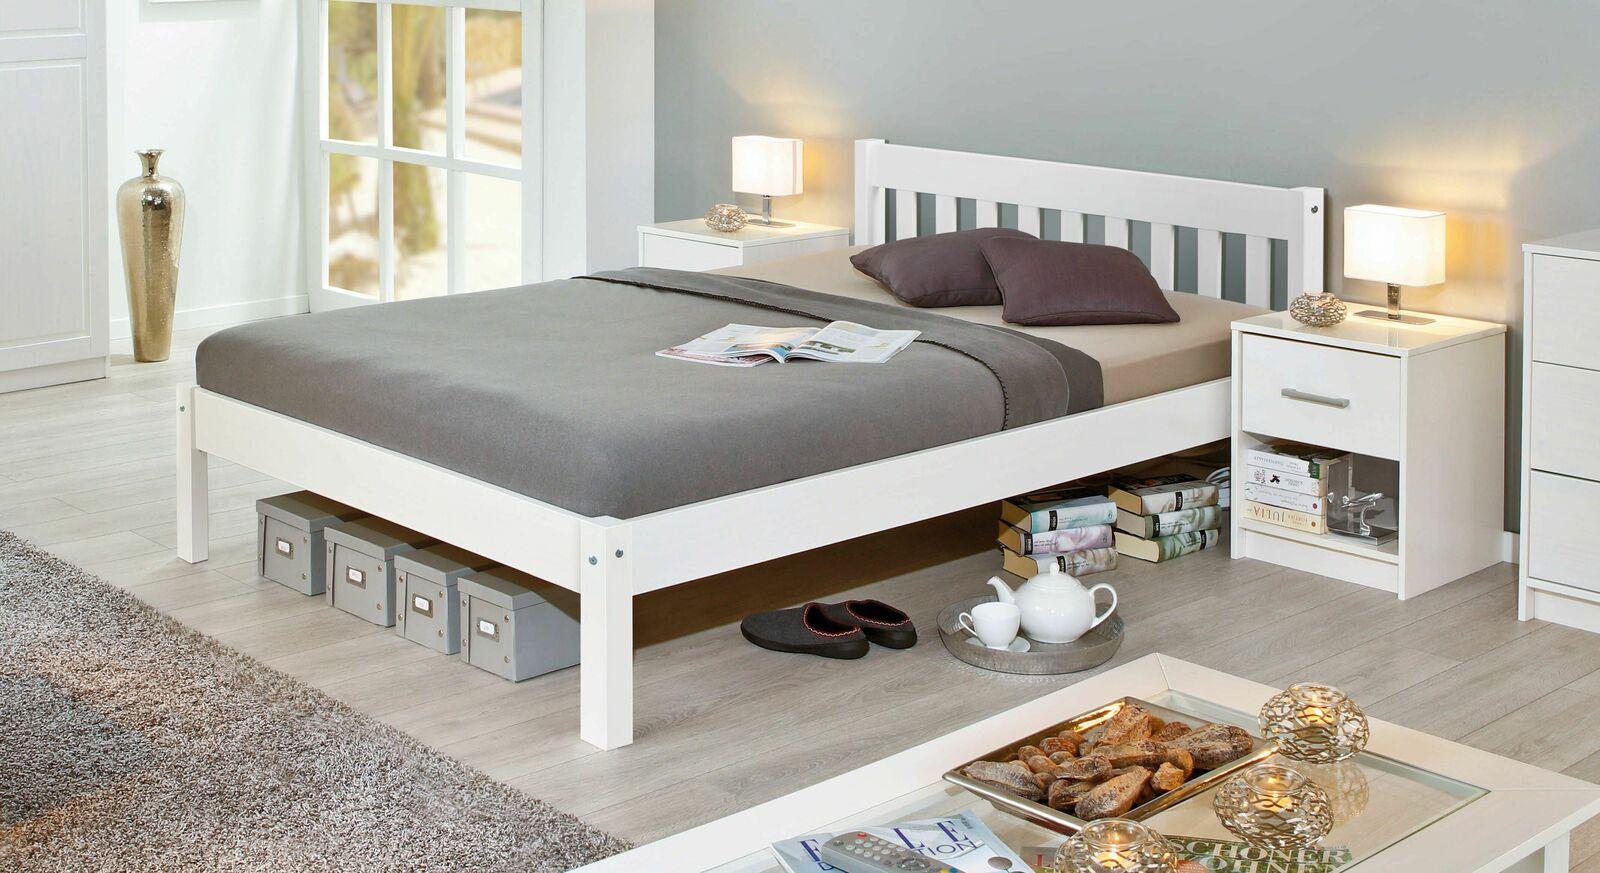 Full Size of Bett Modern Design Italienisches Puristisch Preiswertes Aus Weier Kiefer Z B In 140x200 Cm Genf 220 X Poco Kopfteile Für Betten Deckenlampen Wohnzimmer Bett Bett Modern Design